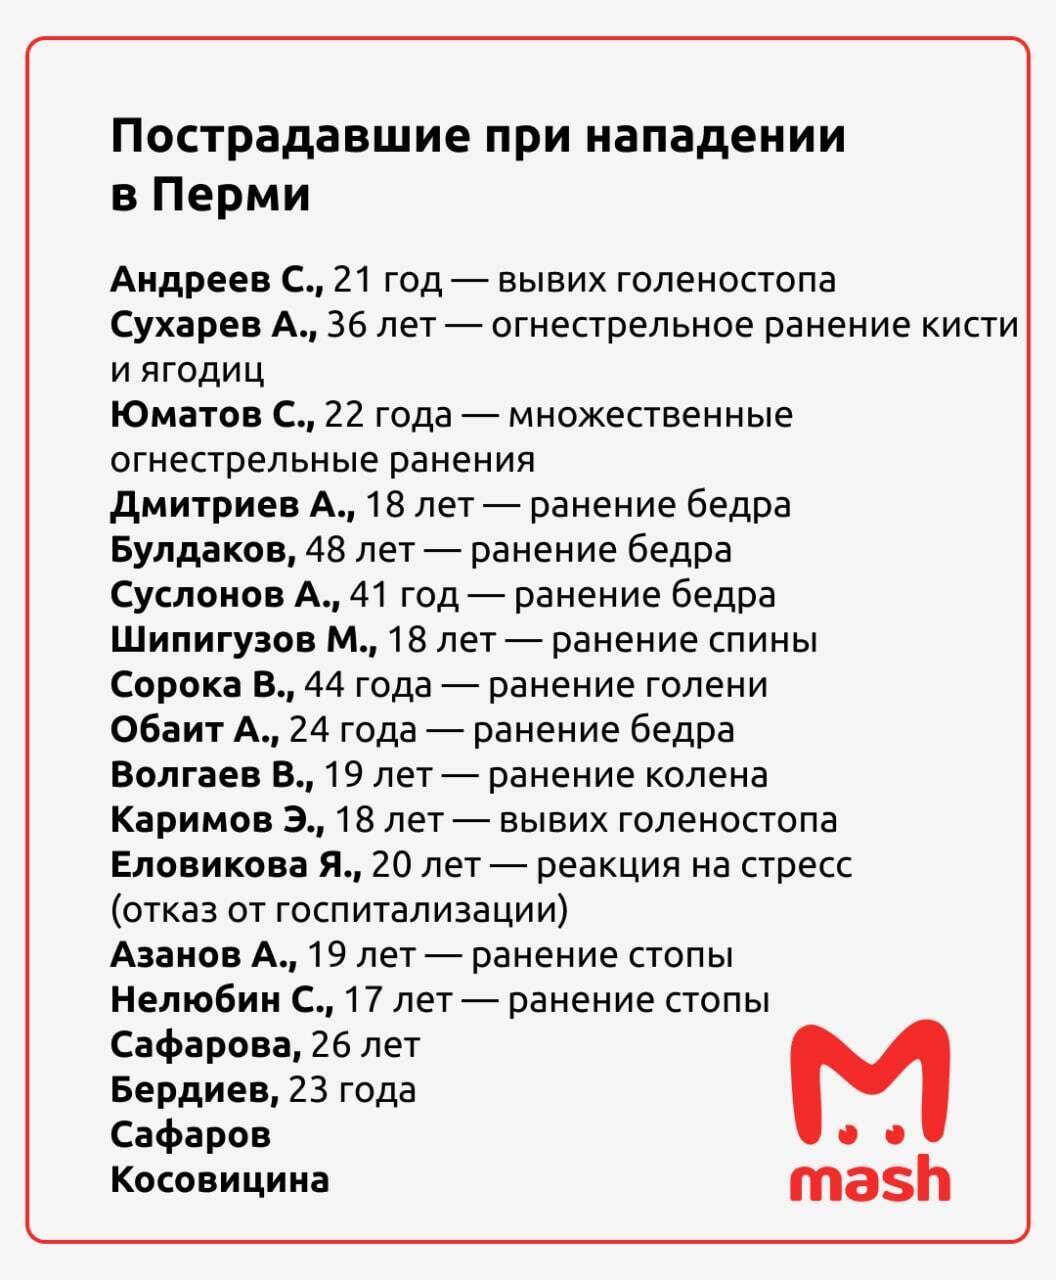 Предварительный список пострадавших